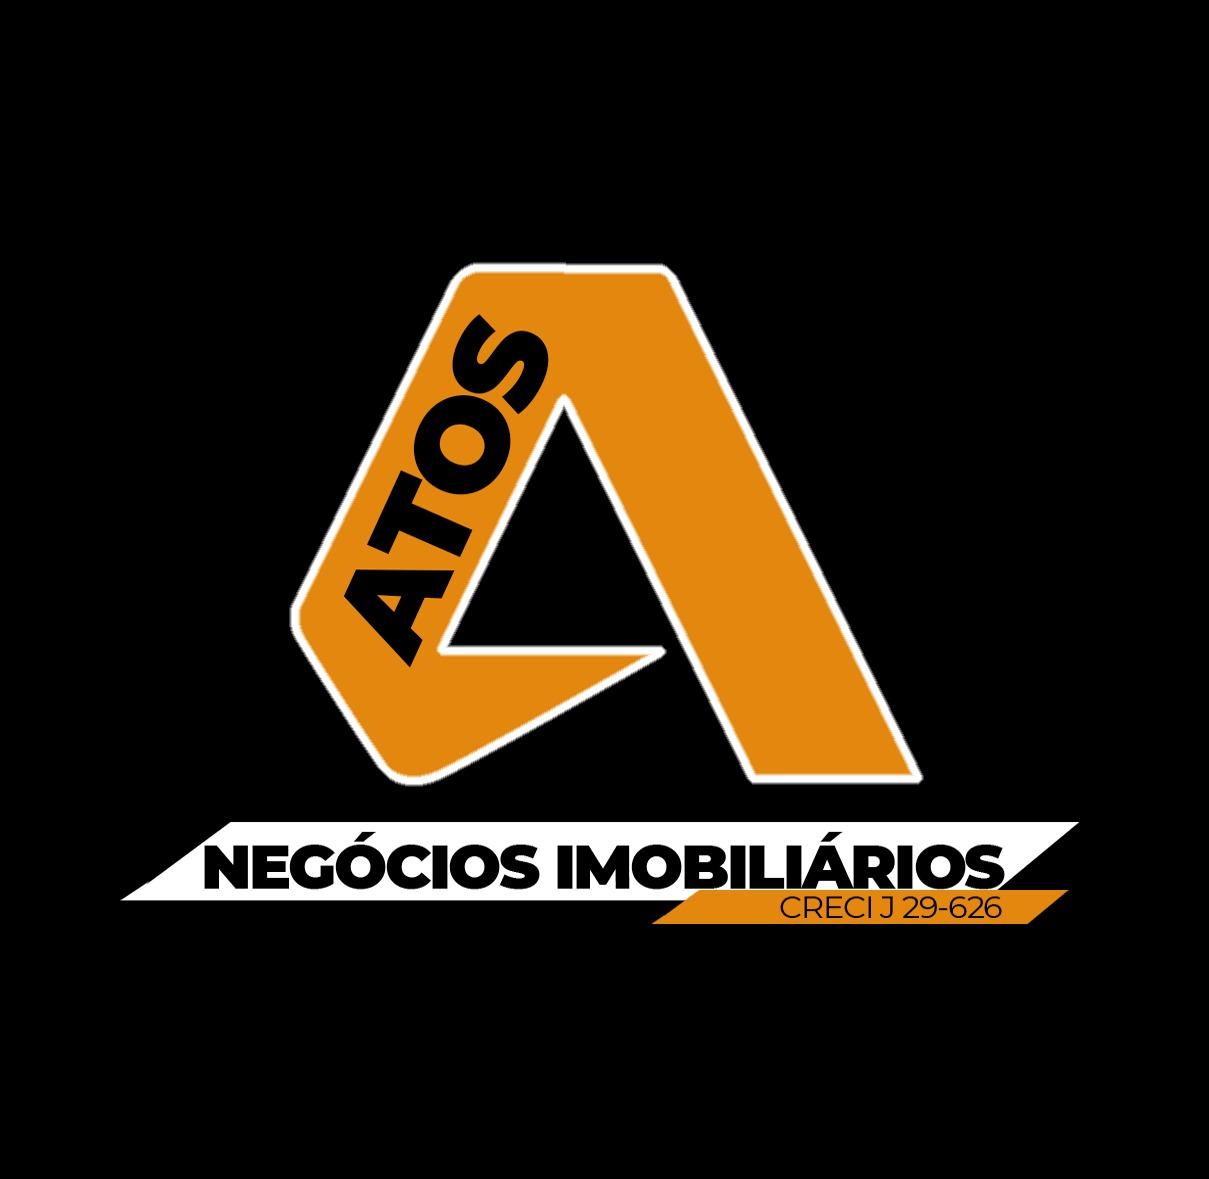 https://atosimob.com.br